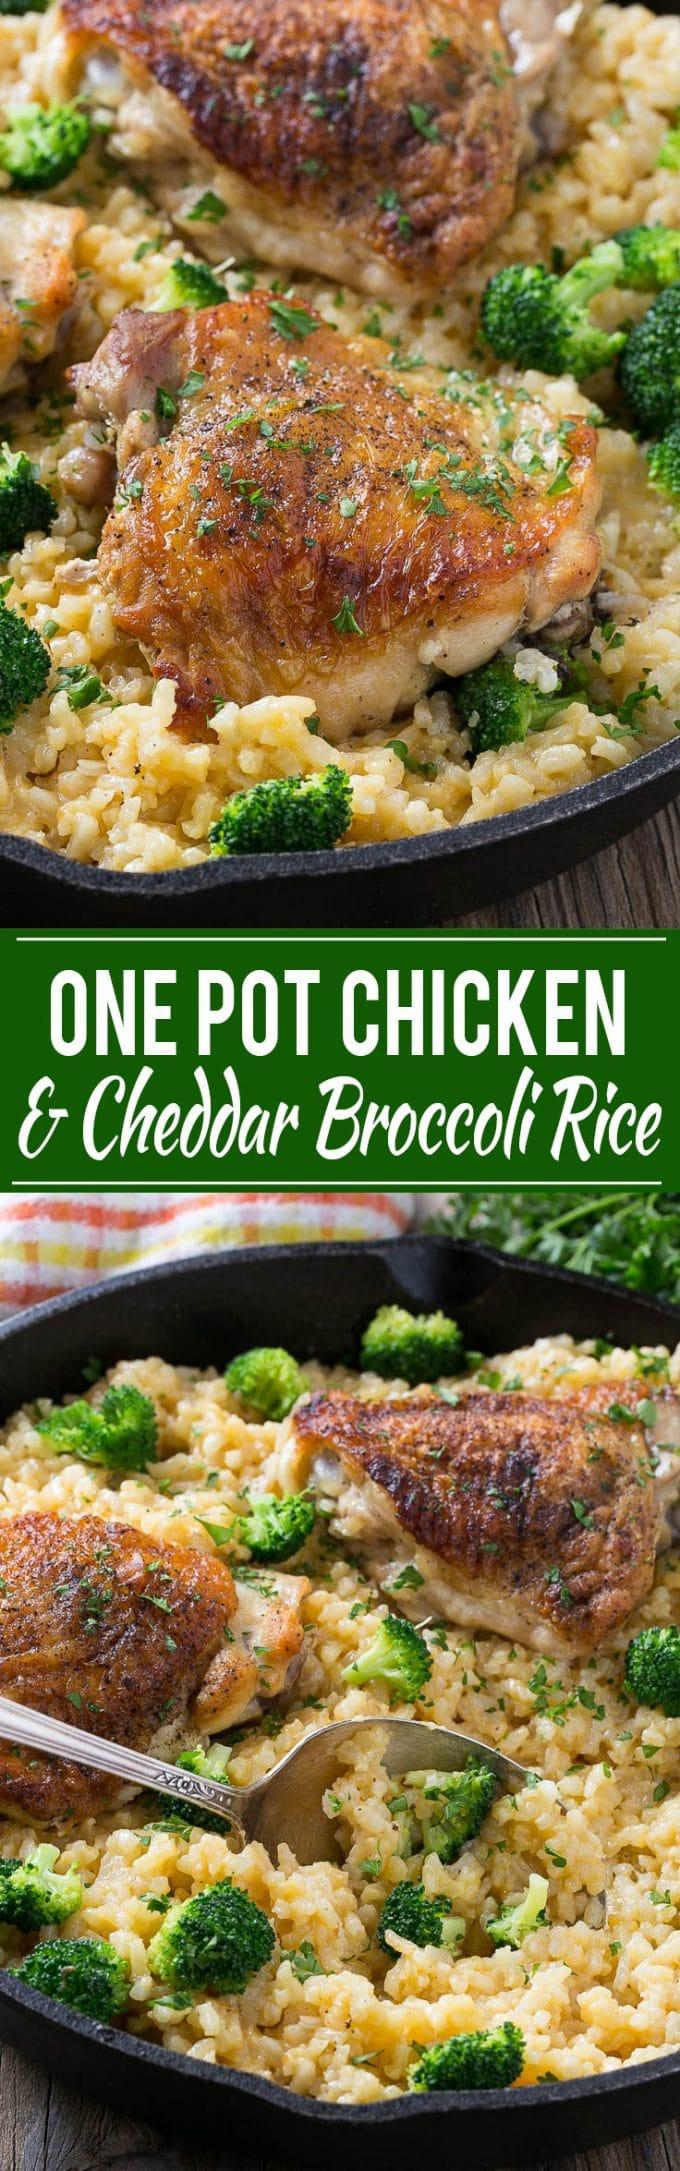 Chicken Broccoli and Rice Casserole Recipe | One Pot Chicken Rice Casserole | Chicken Broccoli Rice Casserole | One Pot Chicken and Rice